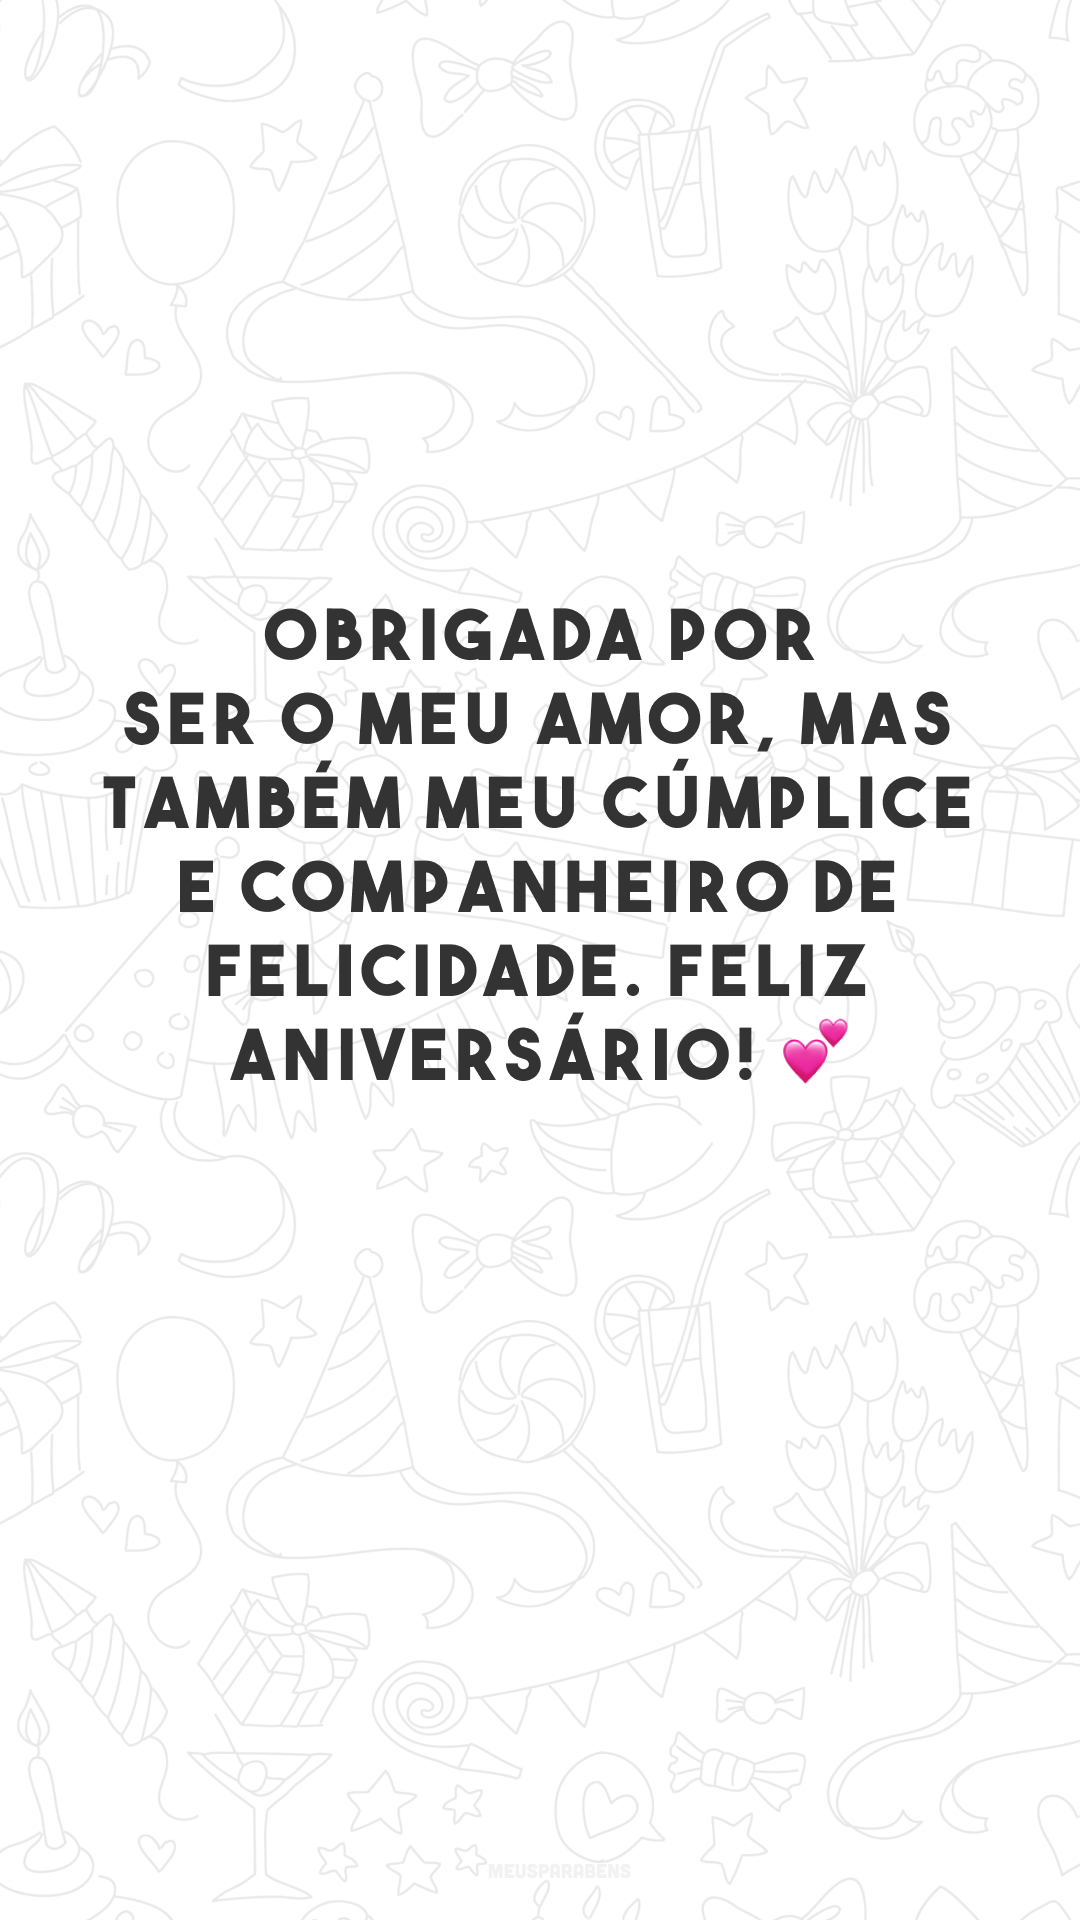 Obrigada por ser o meu amor, mas também meu cúmplice e companheiro de felicidade. Feliz aniversário! 💕